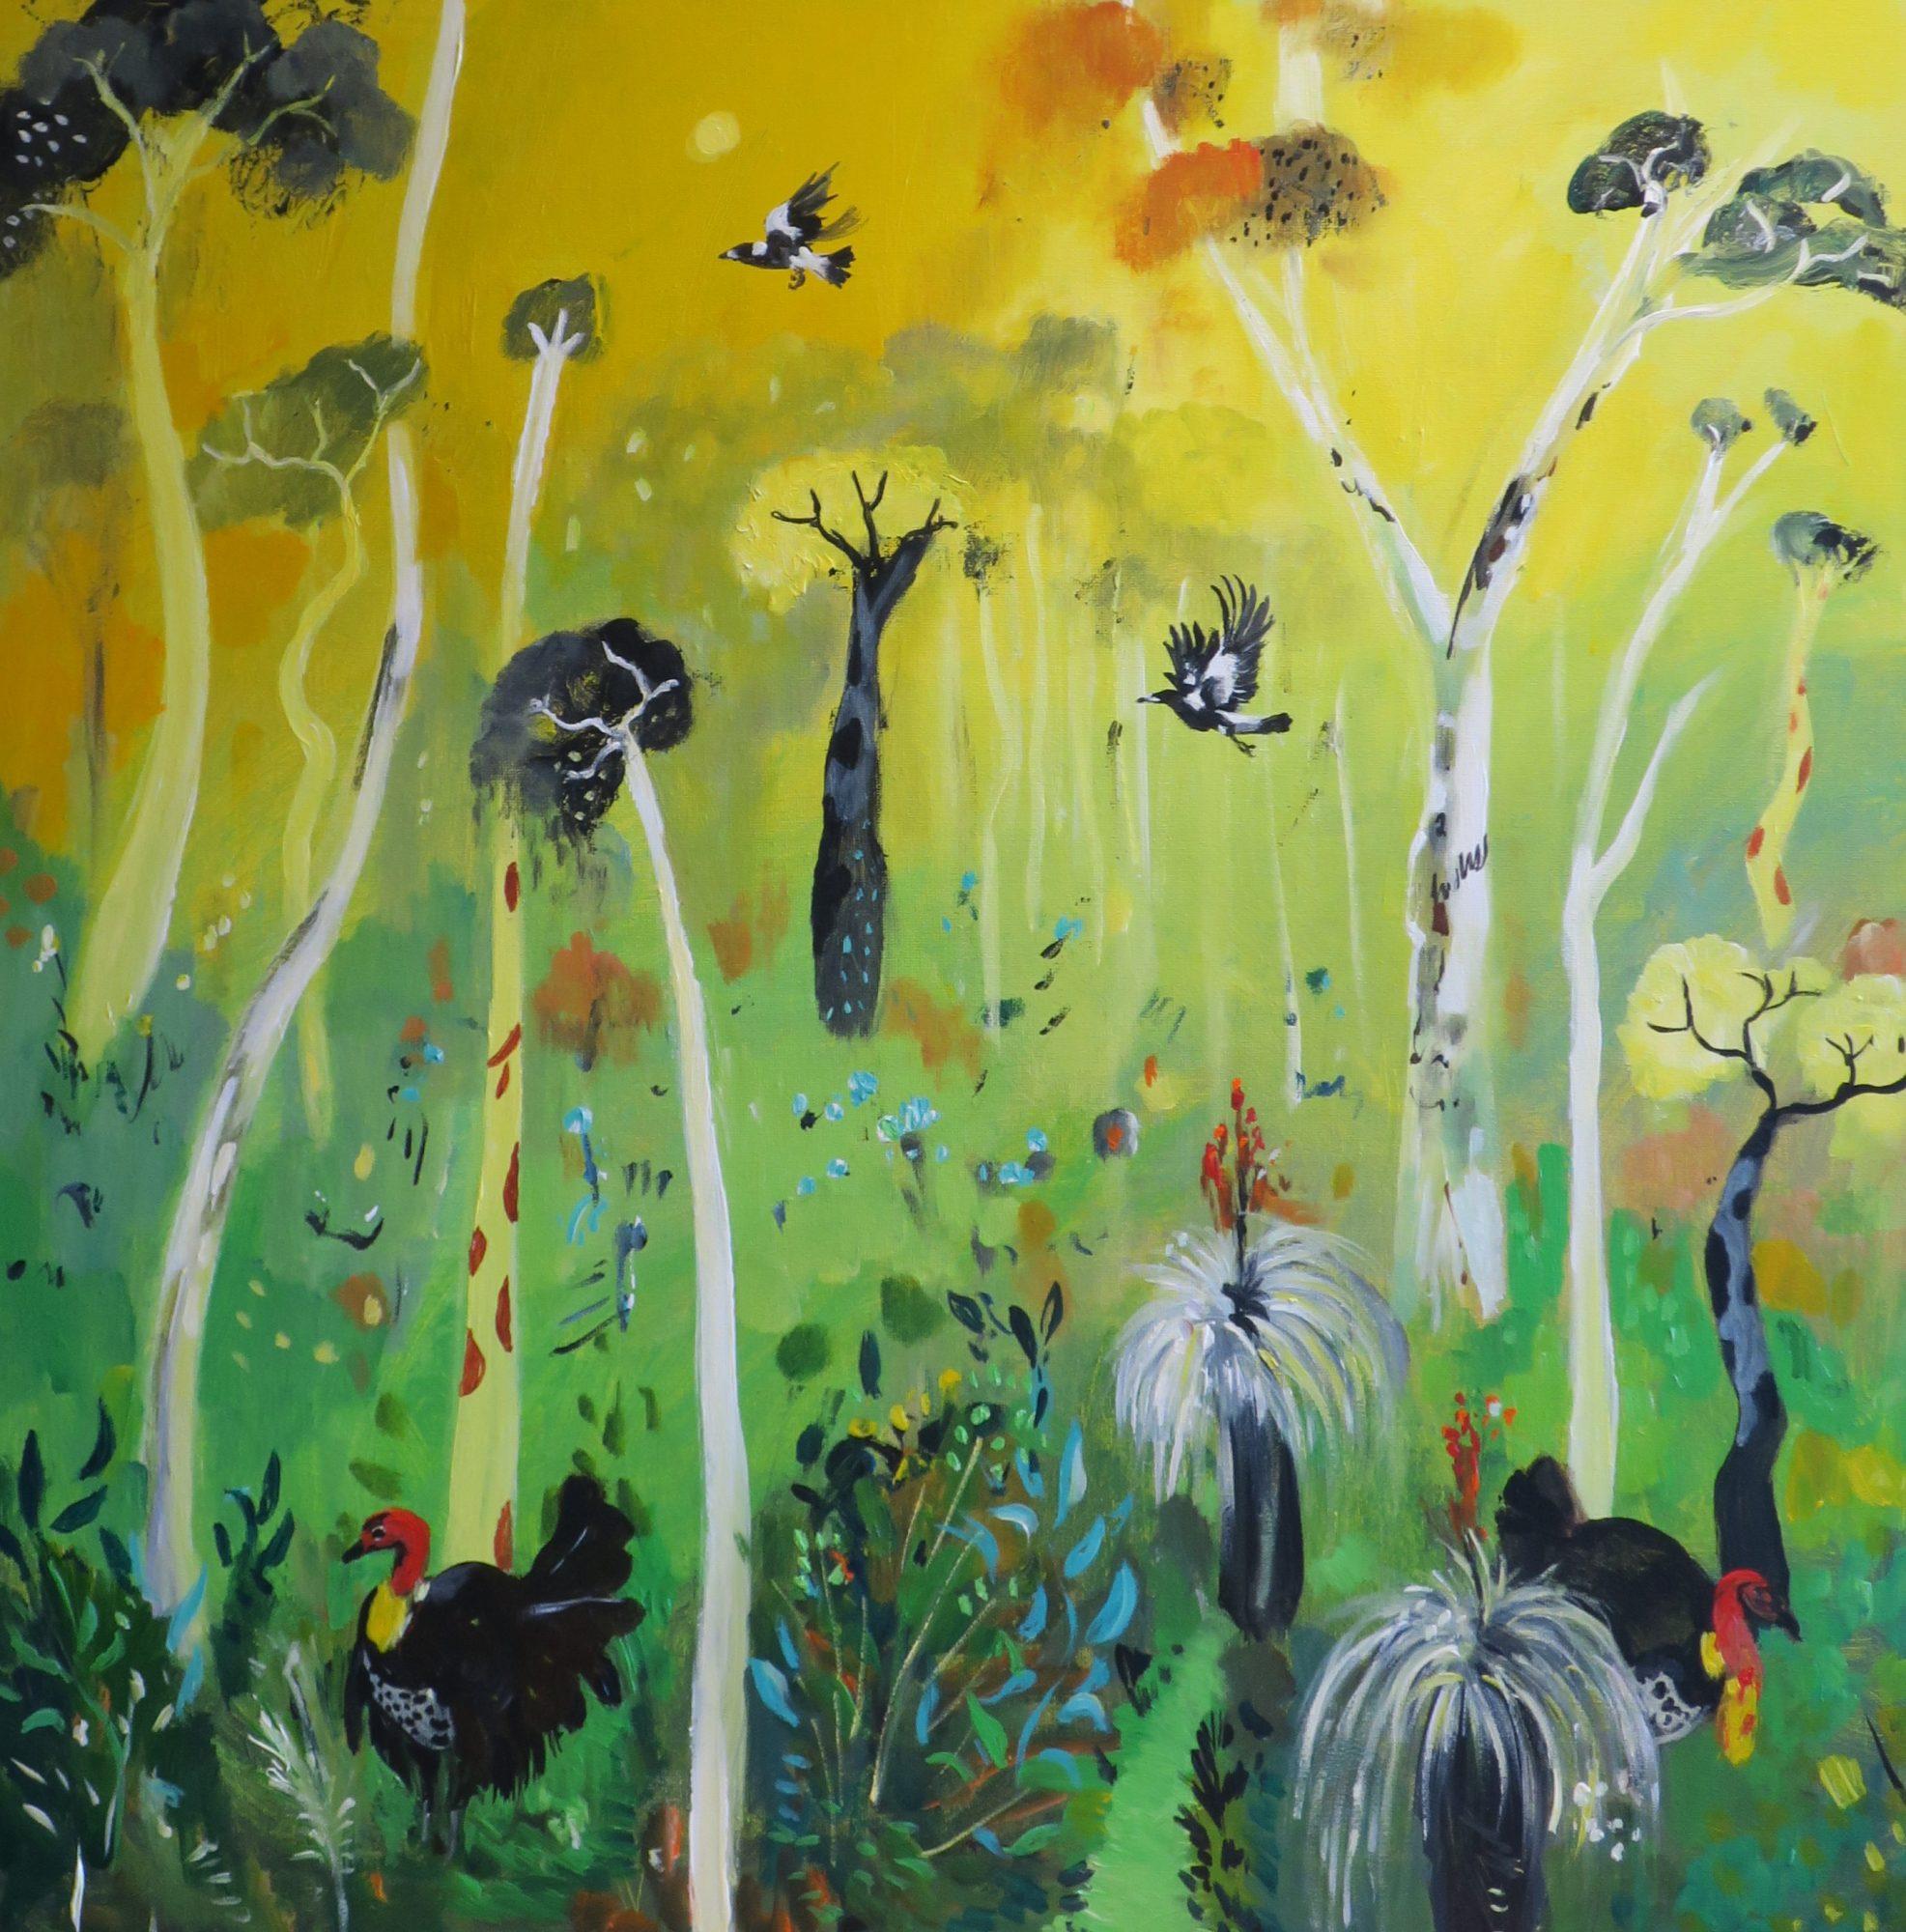 bush-turkeys-on-yellow